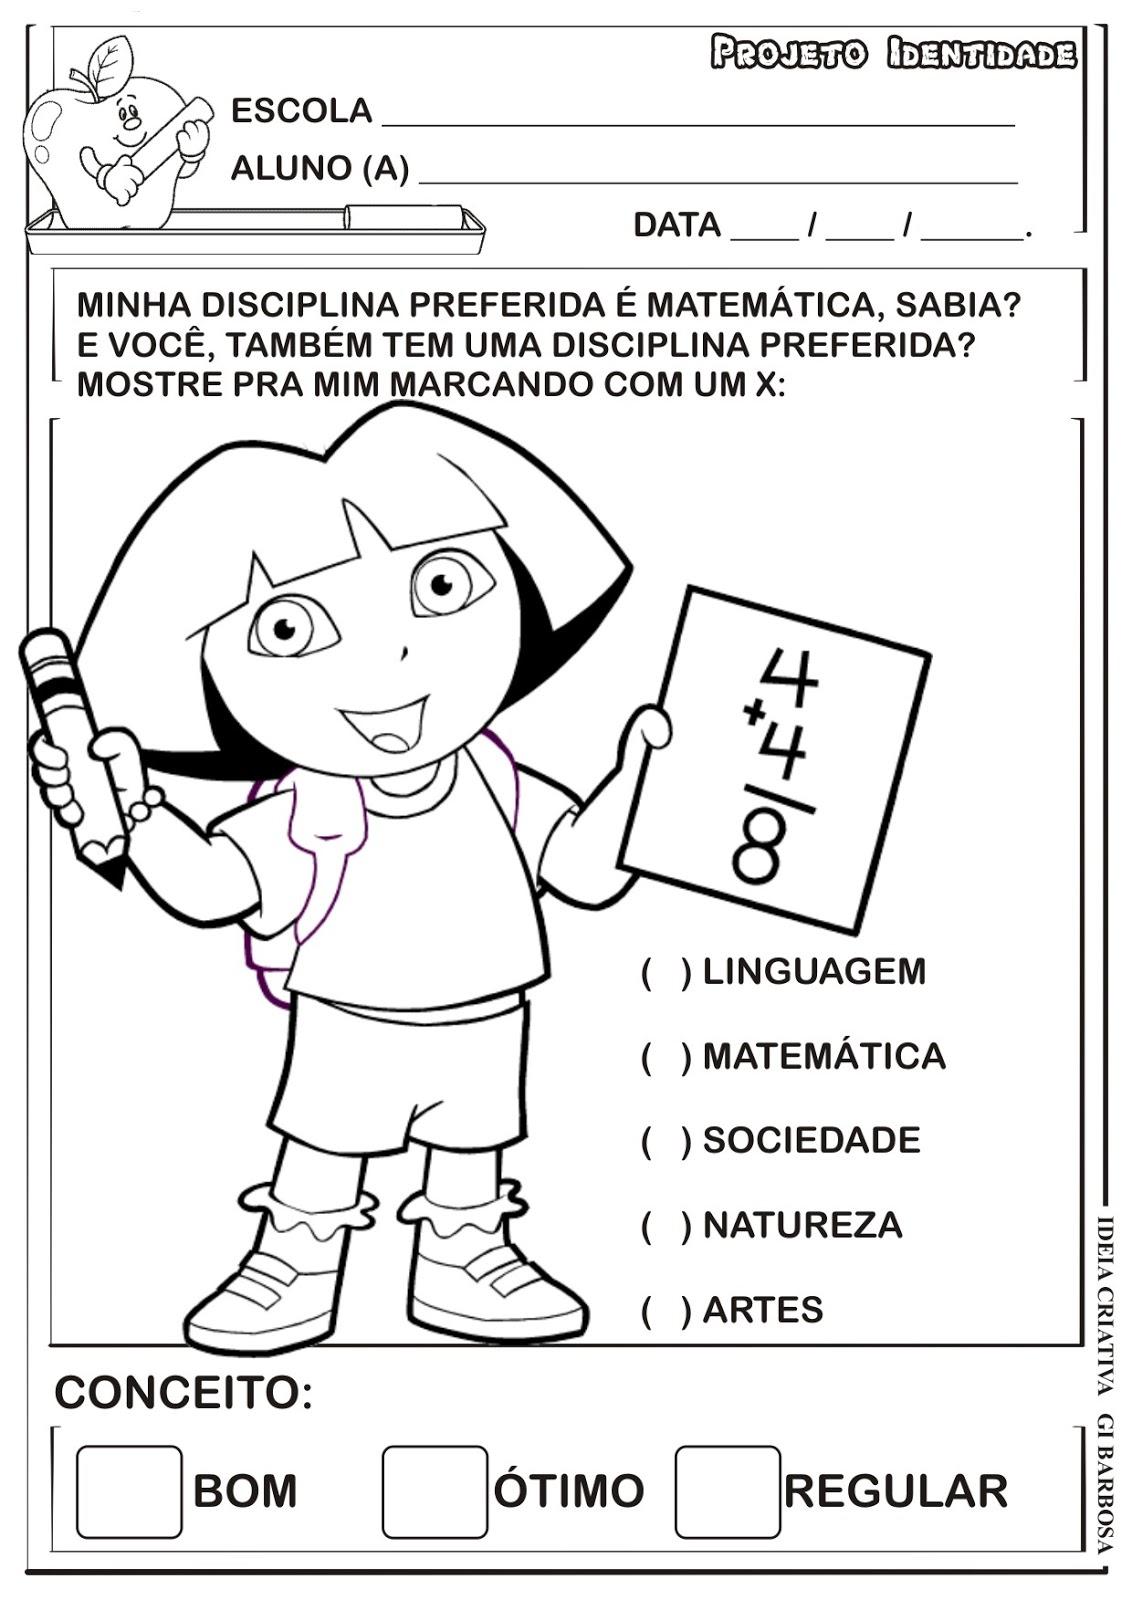 Super Atividade Projeto Identidade Educação Infantil | Ideia Criativa  MH44